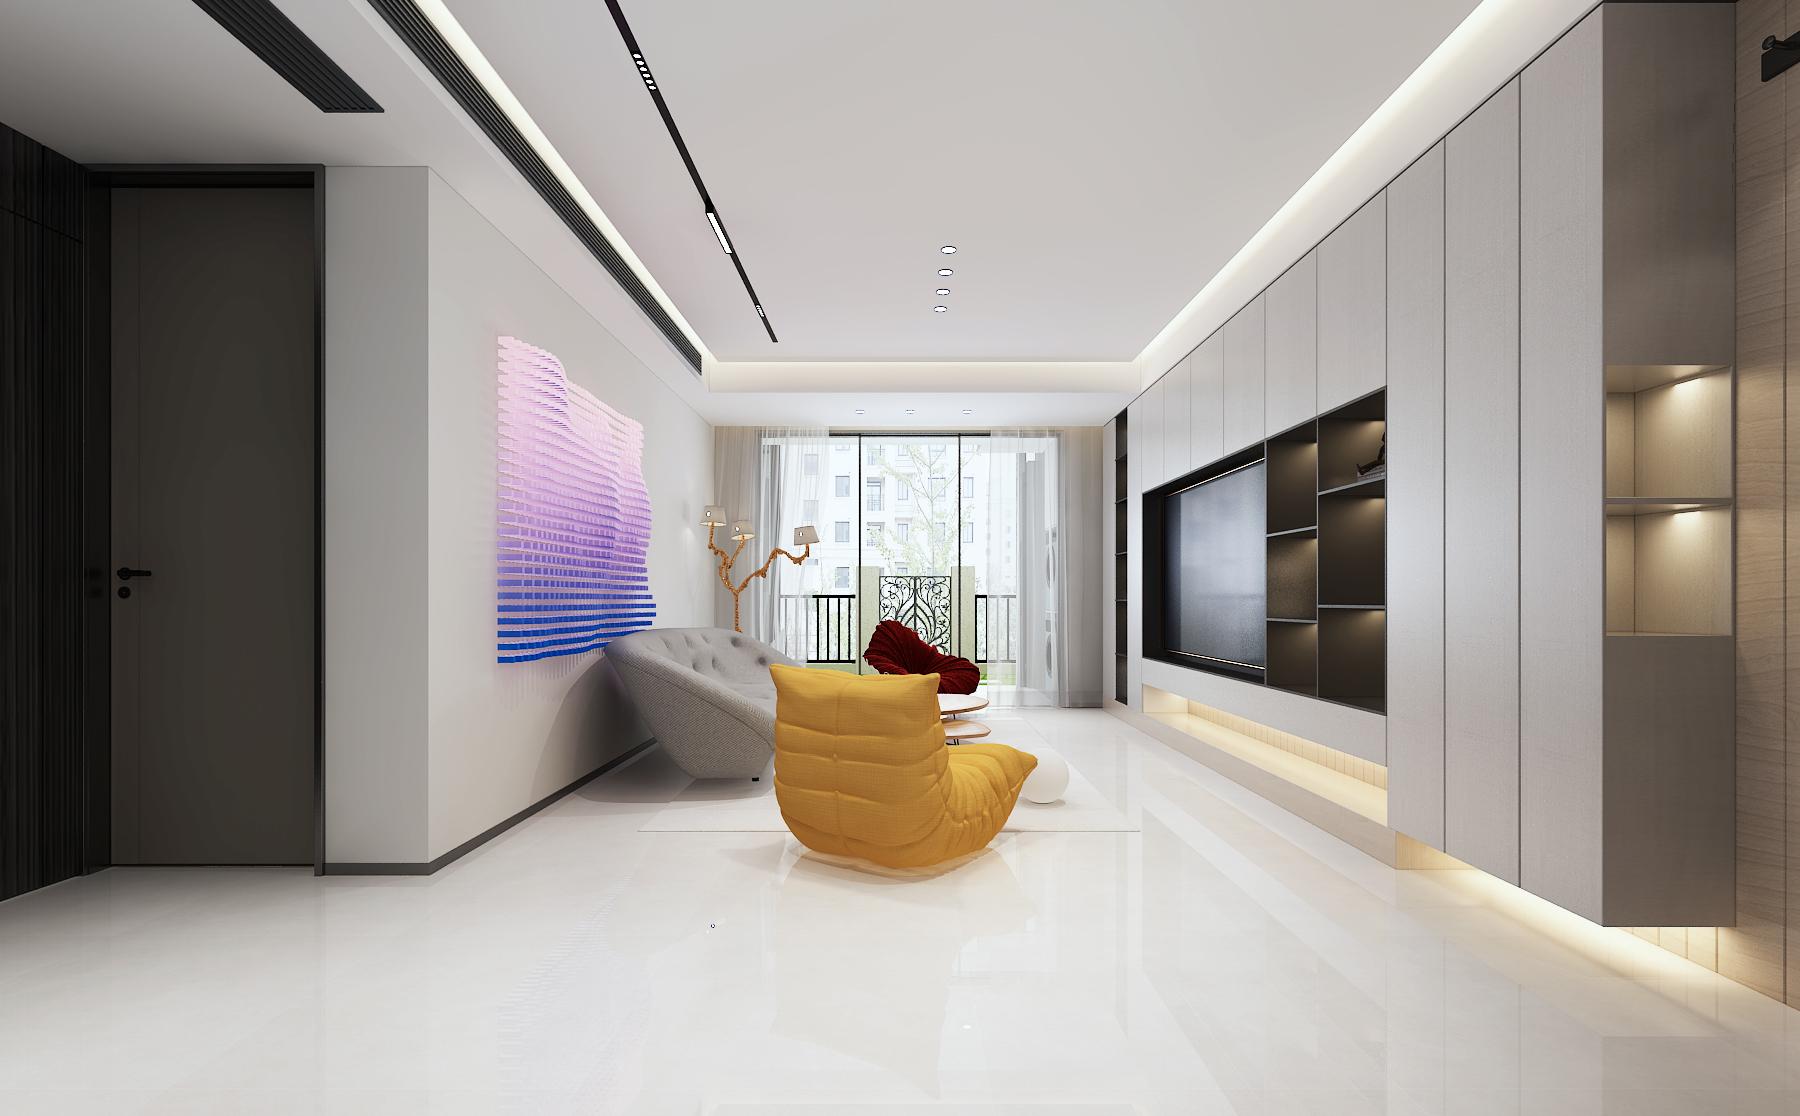 超有个性的沙发背景墙设计,117㎡<span style='color: #ff0000'>现代风格</span>个性十足